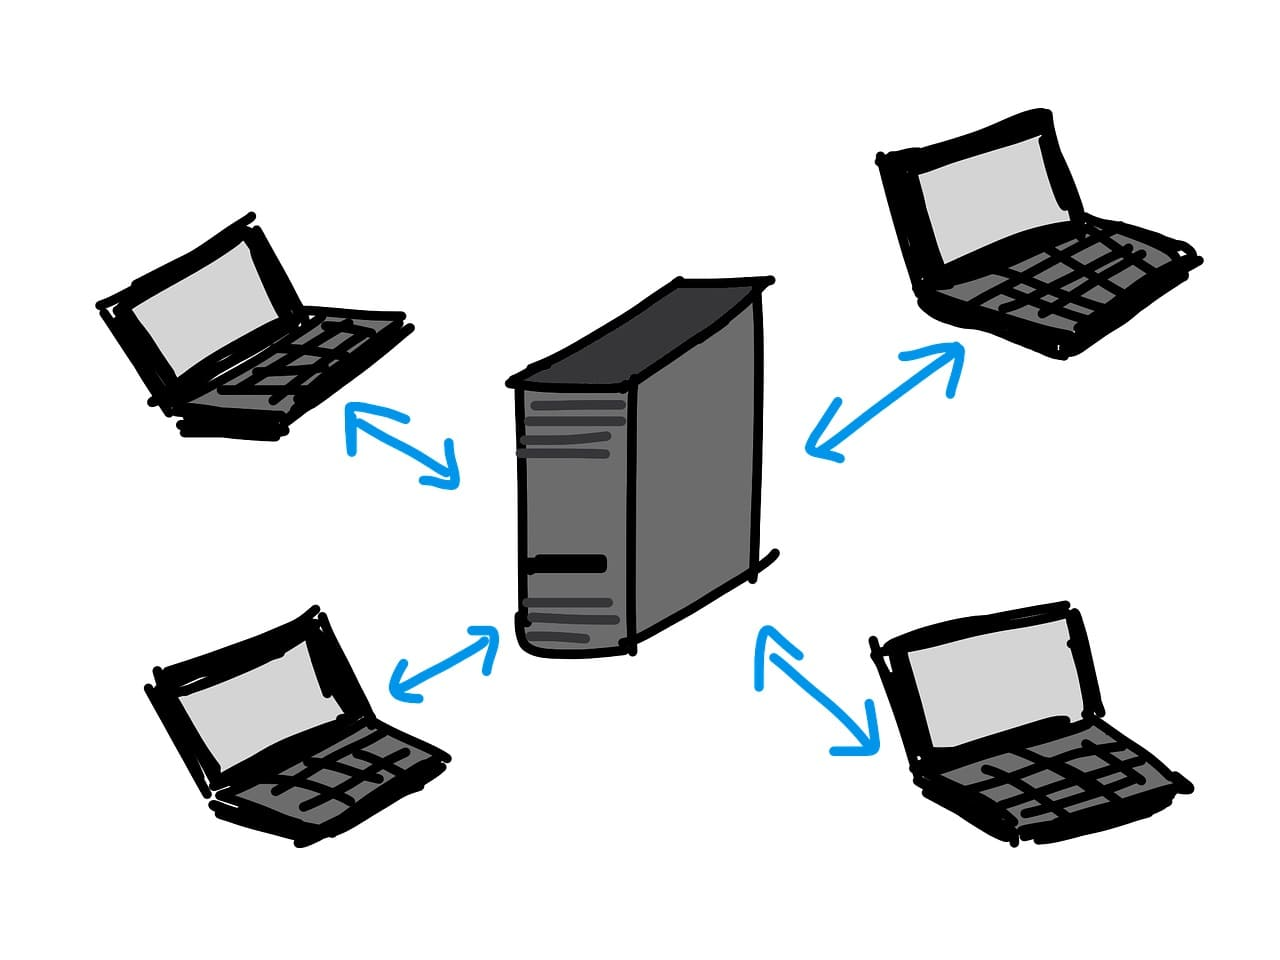 définition et conseils sur le choix d'un serveur